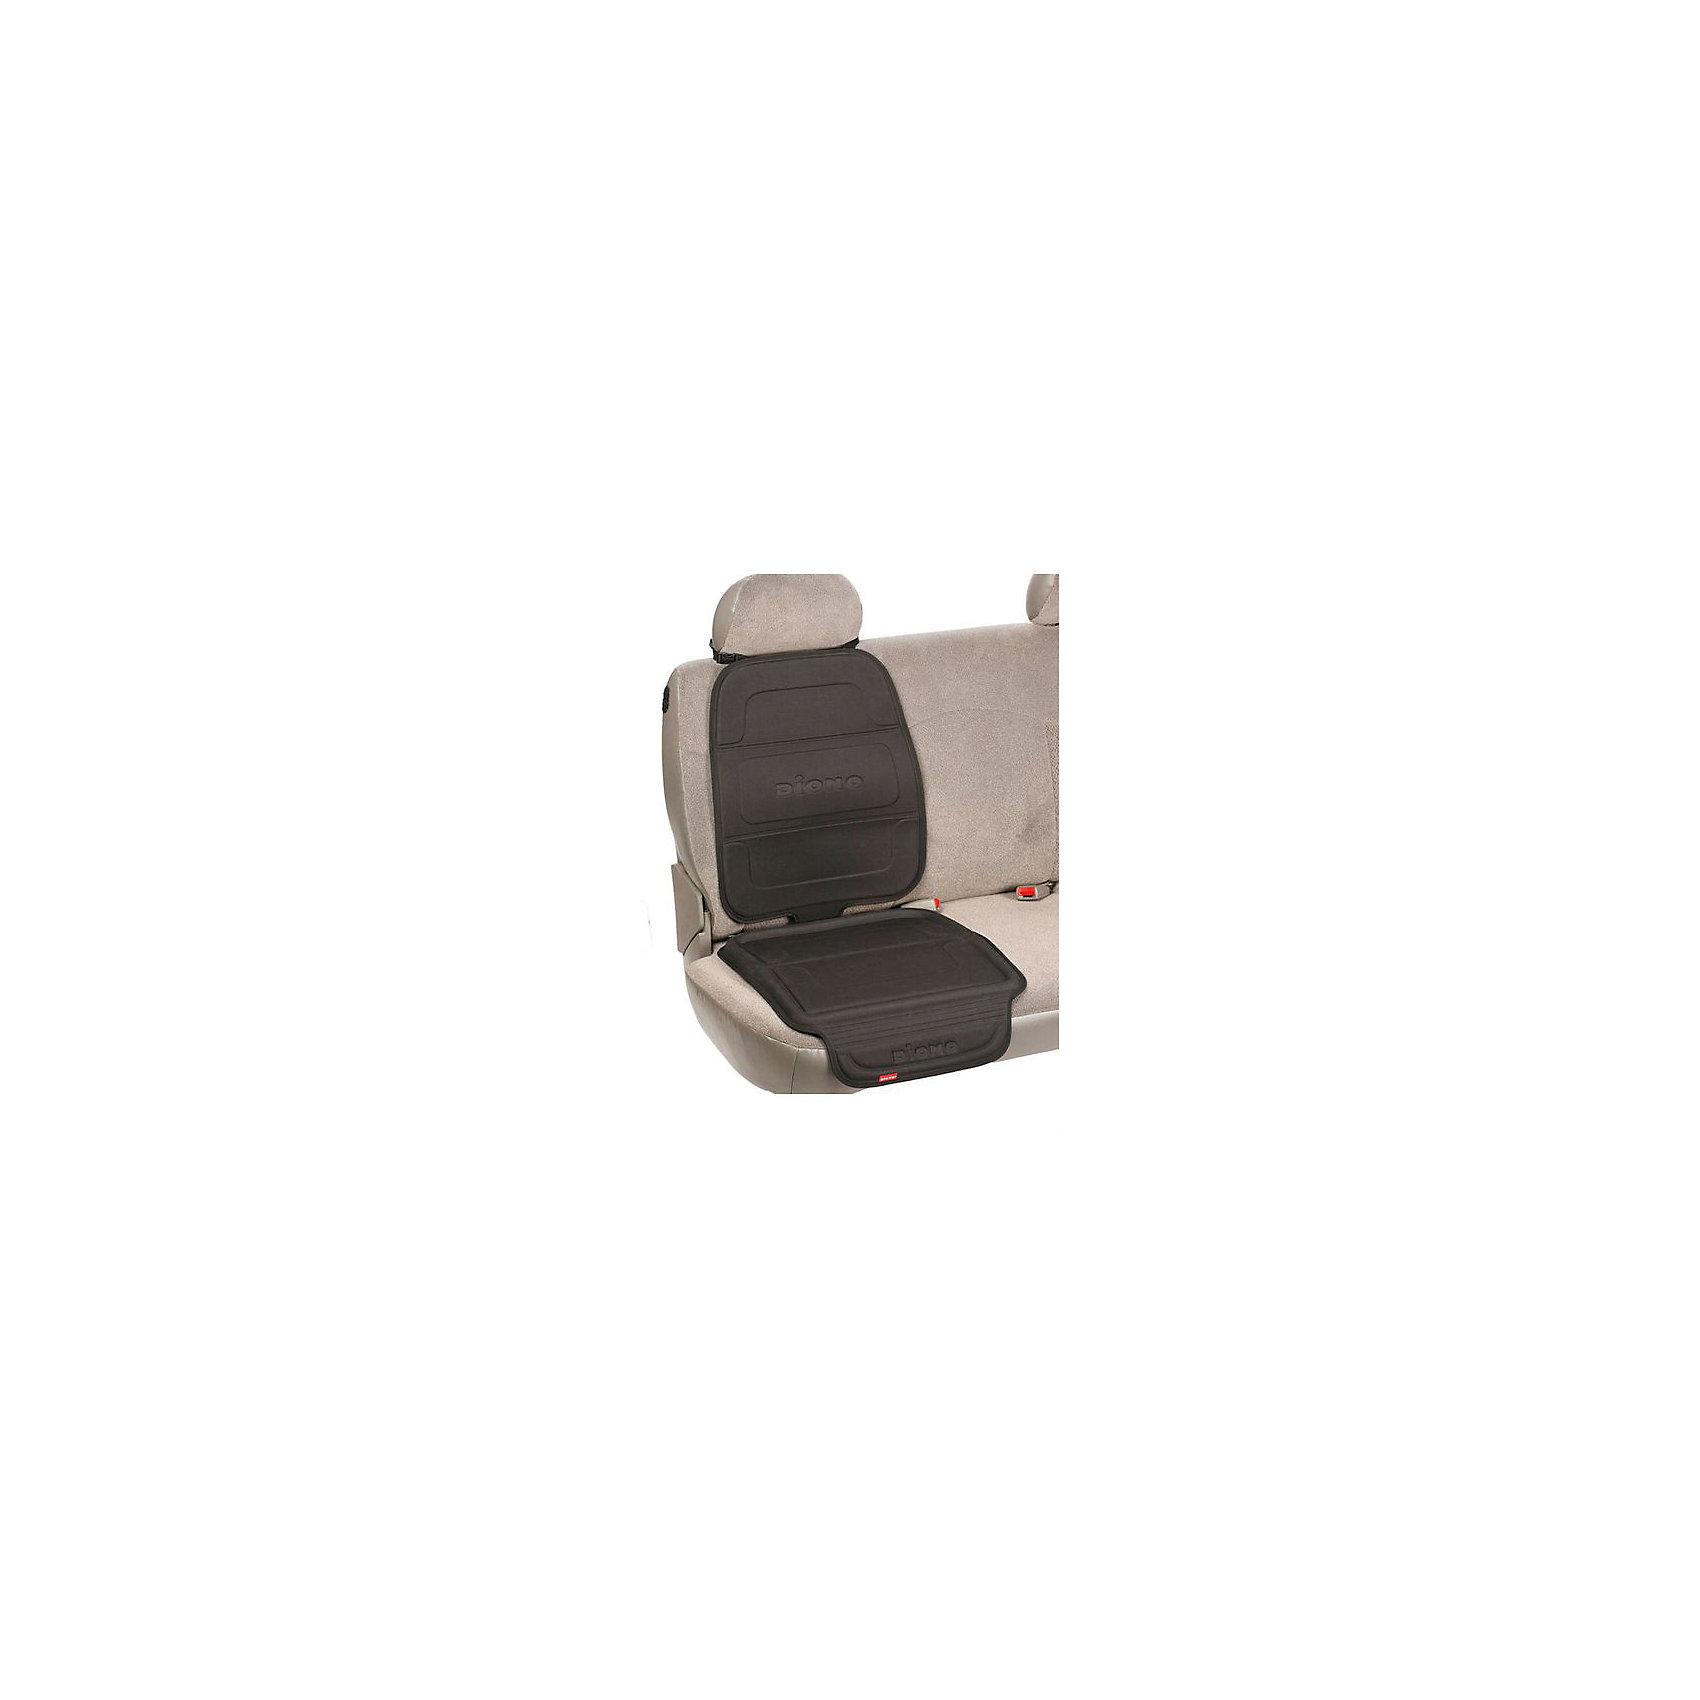 Чехол-накладка для автомобильного сидения Seat Guard Complete, Diono